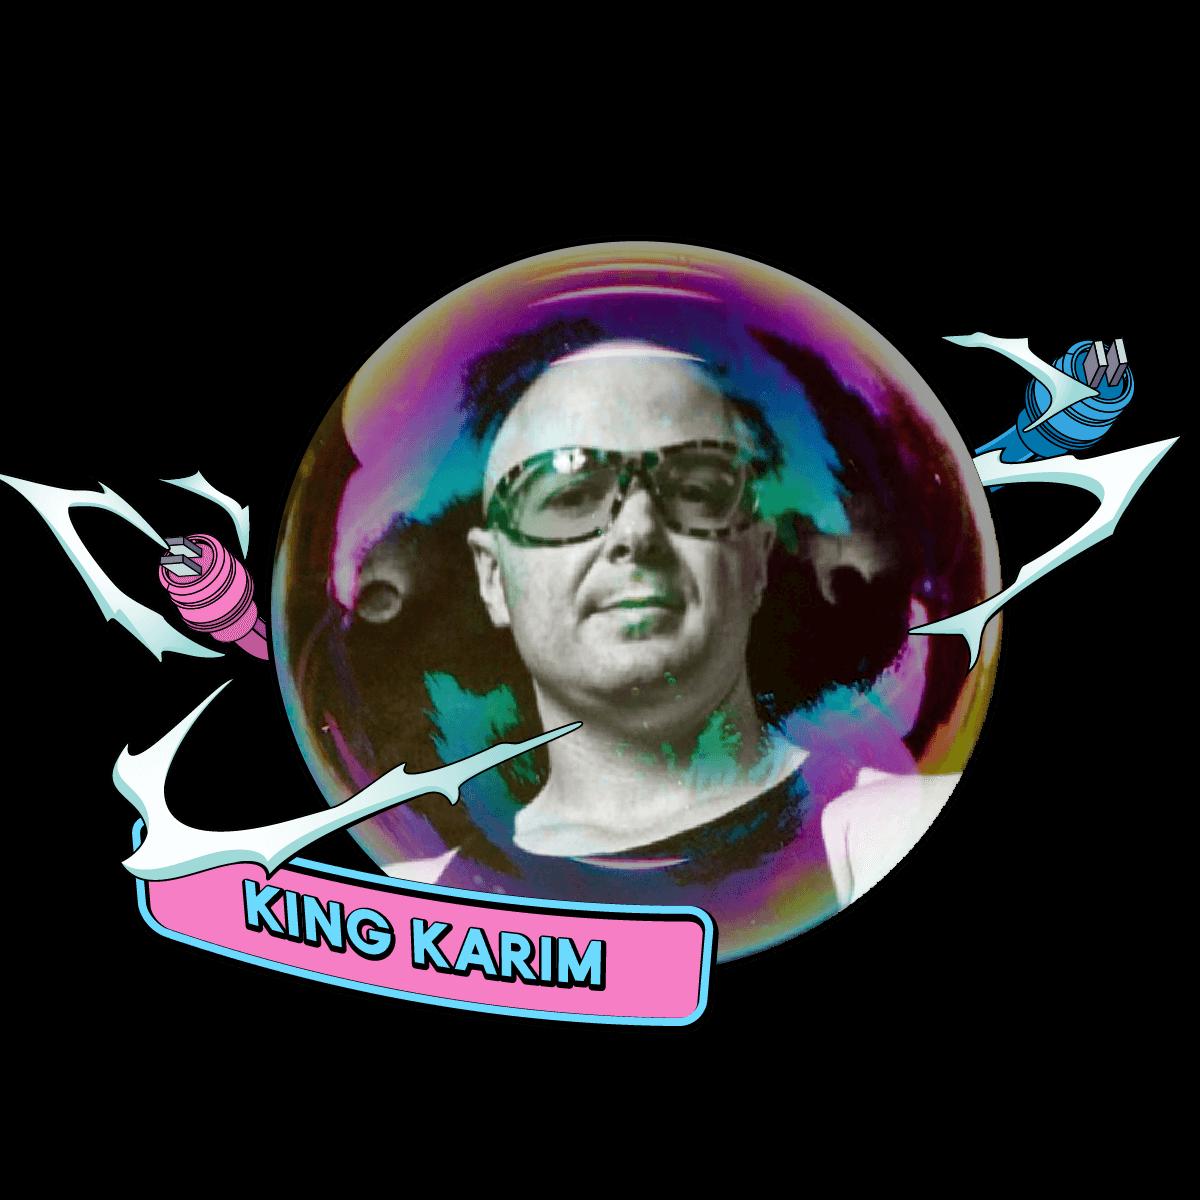 King Karim